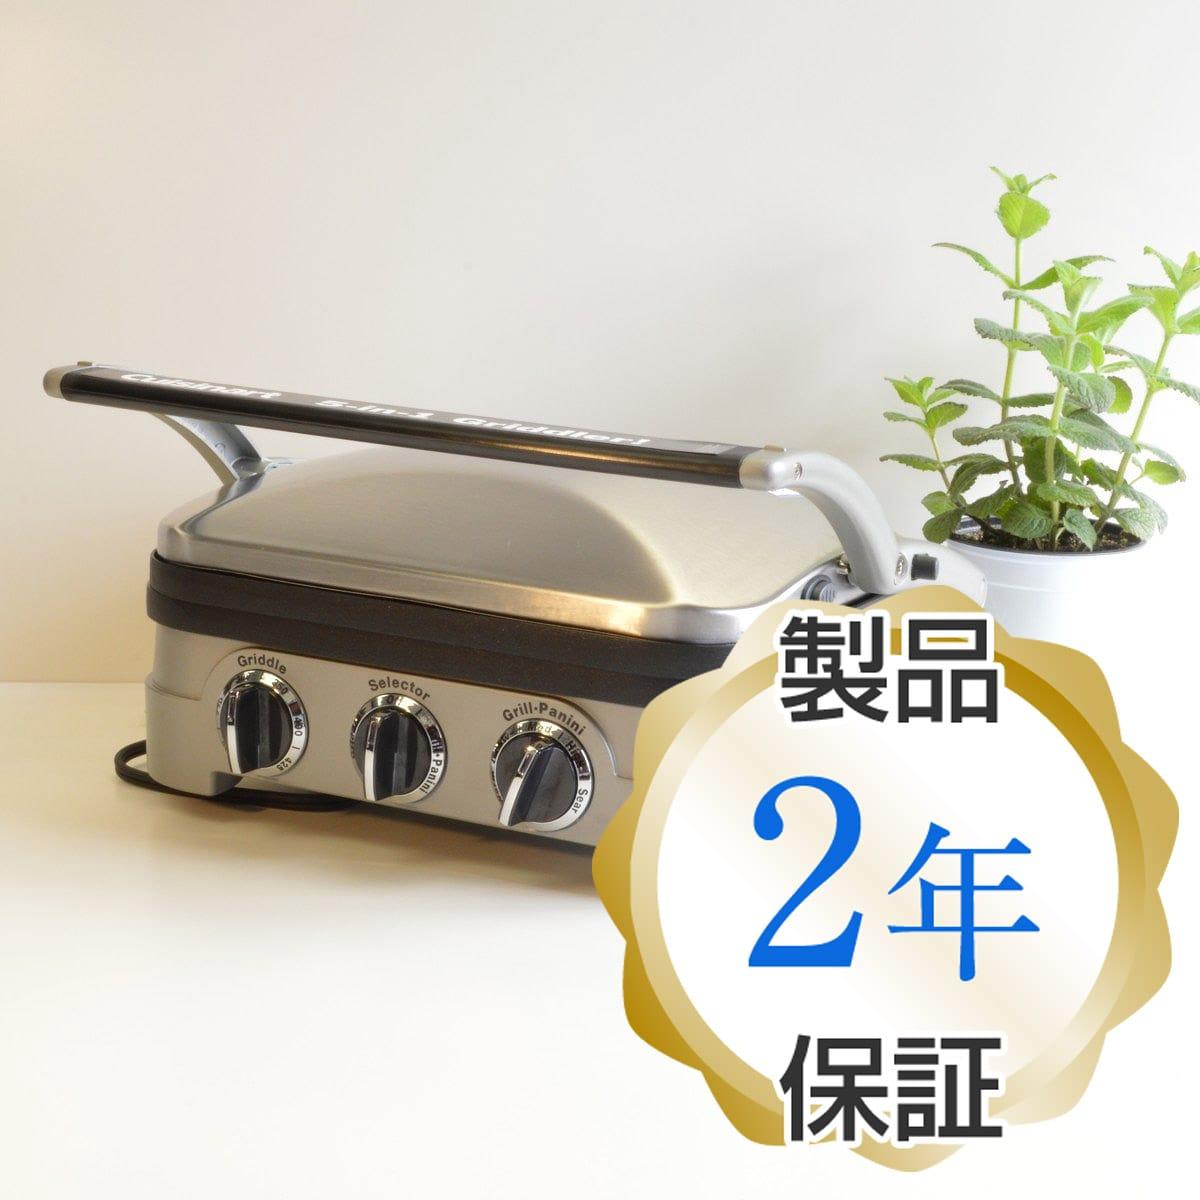 クイジナート グリル&パニーニメーカー プレート取外可 180度開くタイプ Cuisinart GR-4N Griddler 家電